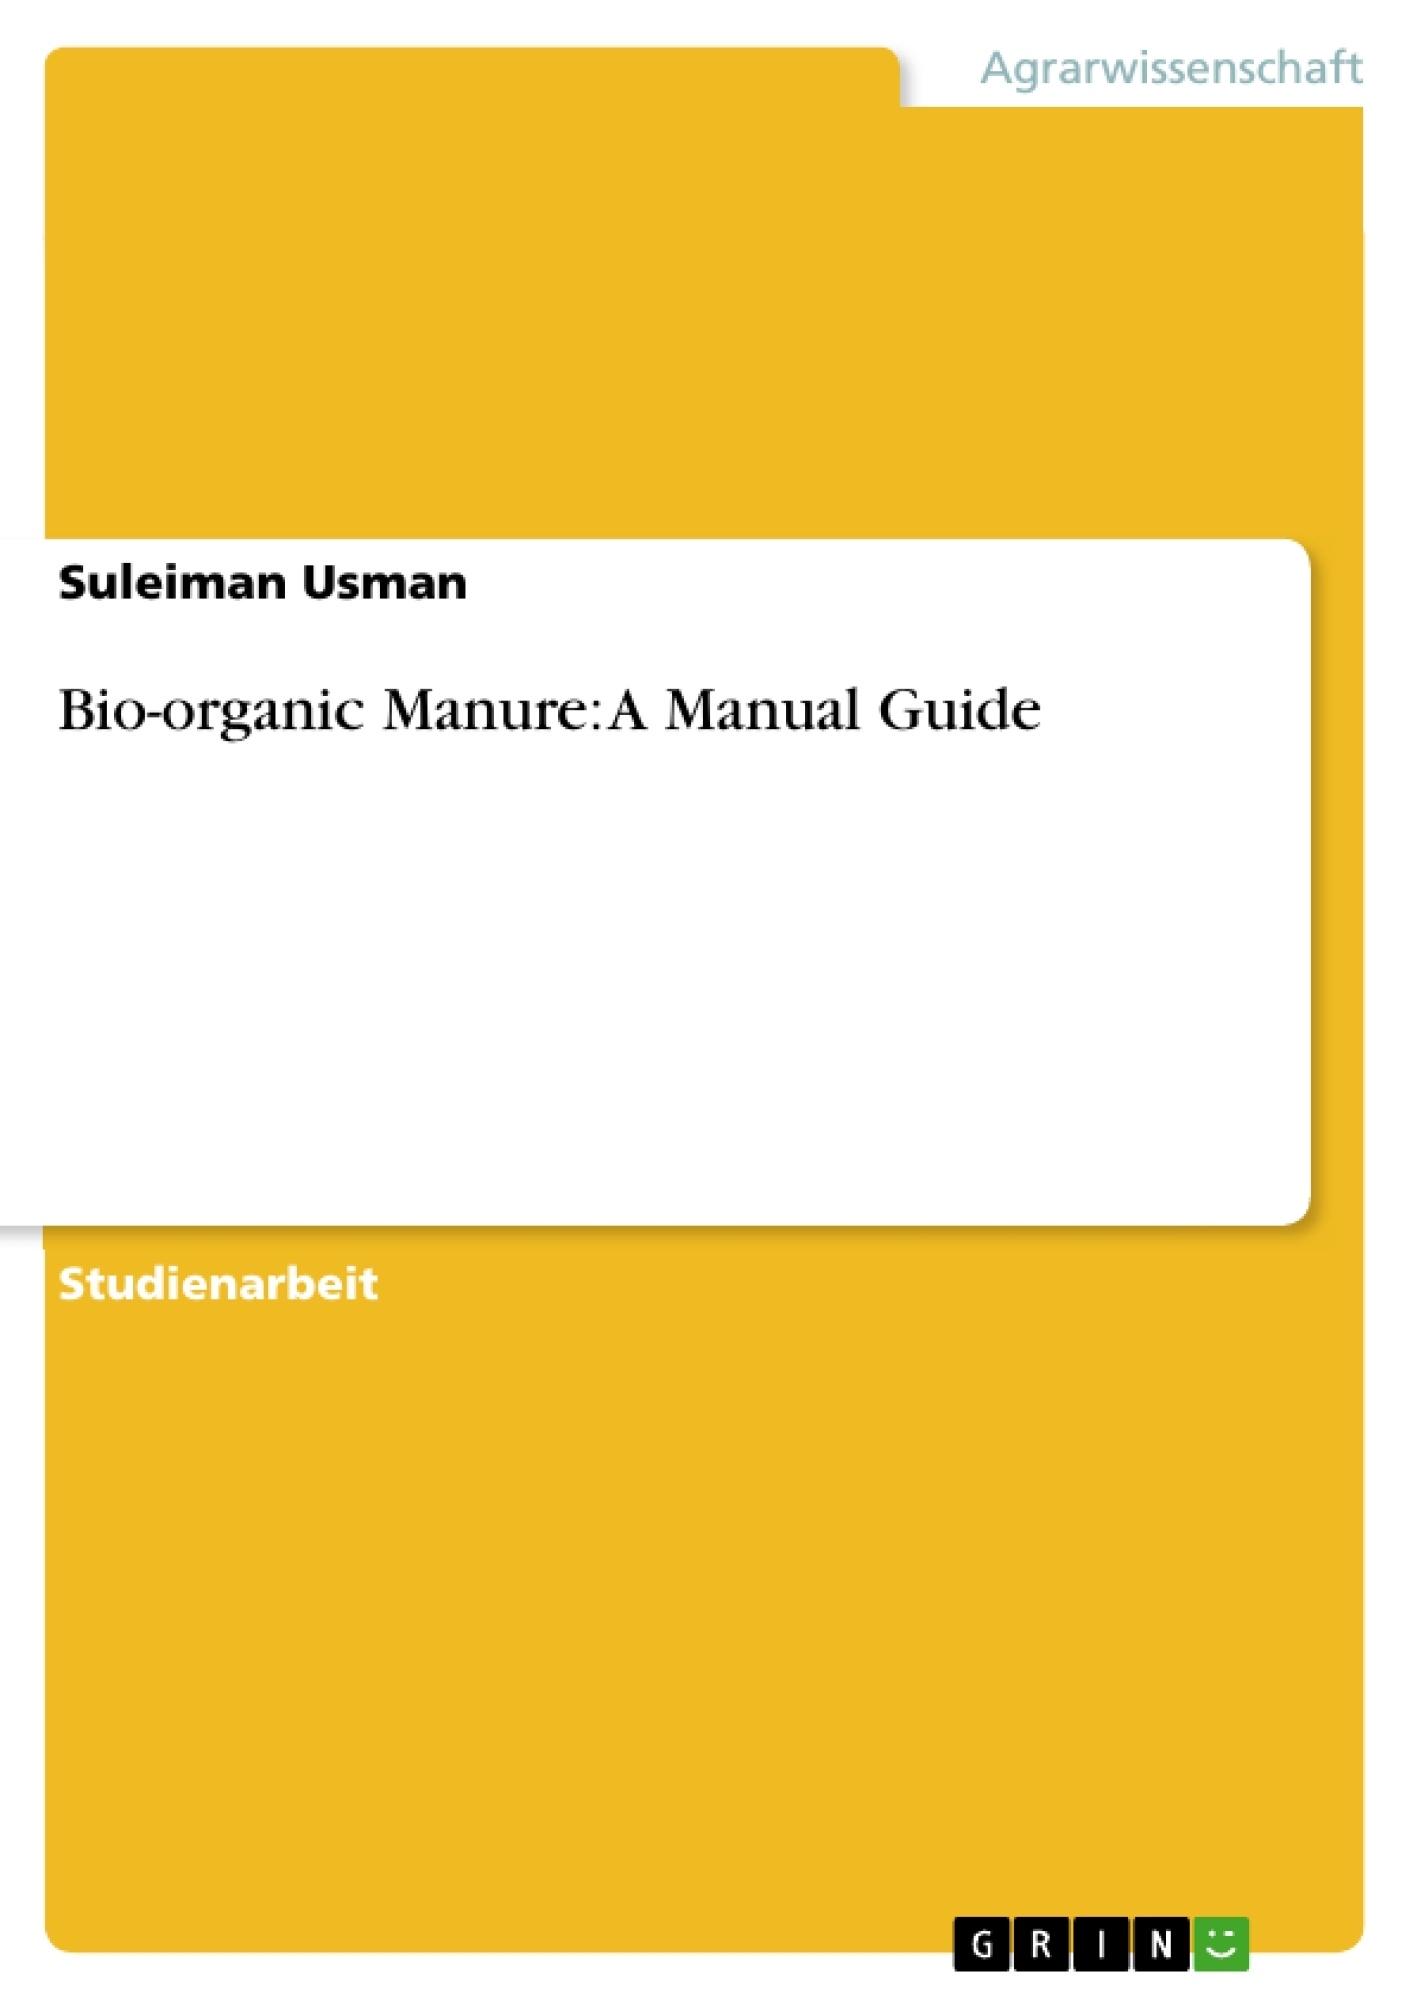 Titel: Bio-organic Manure: A Manual Guide